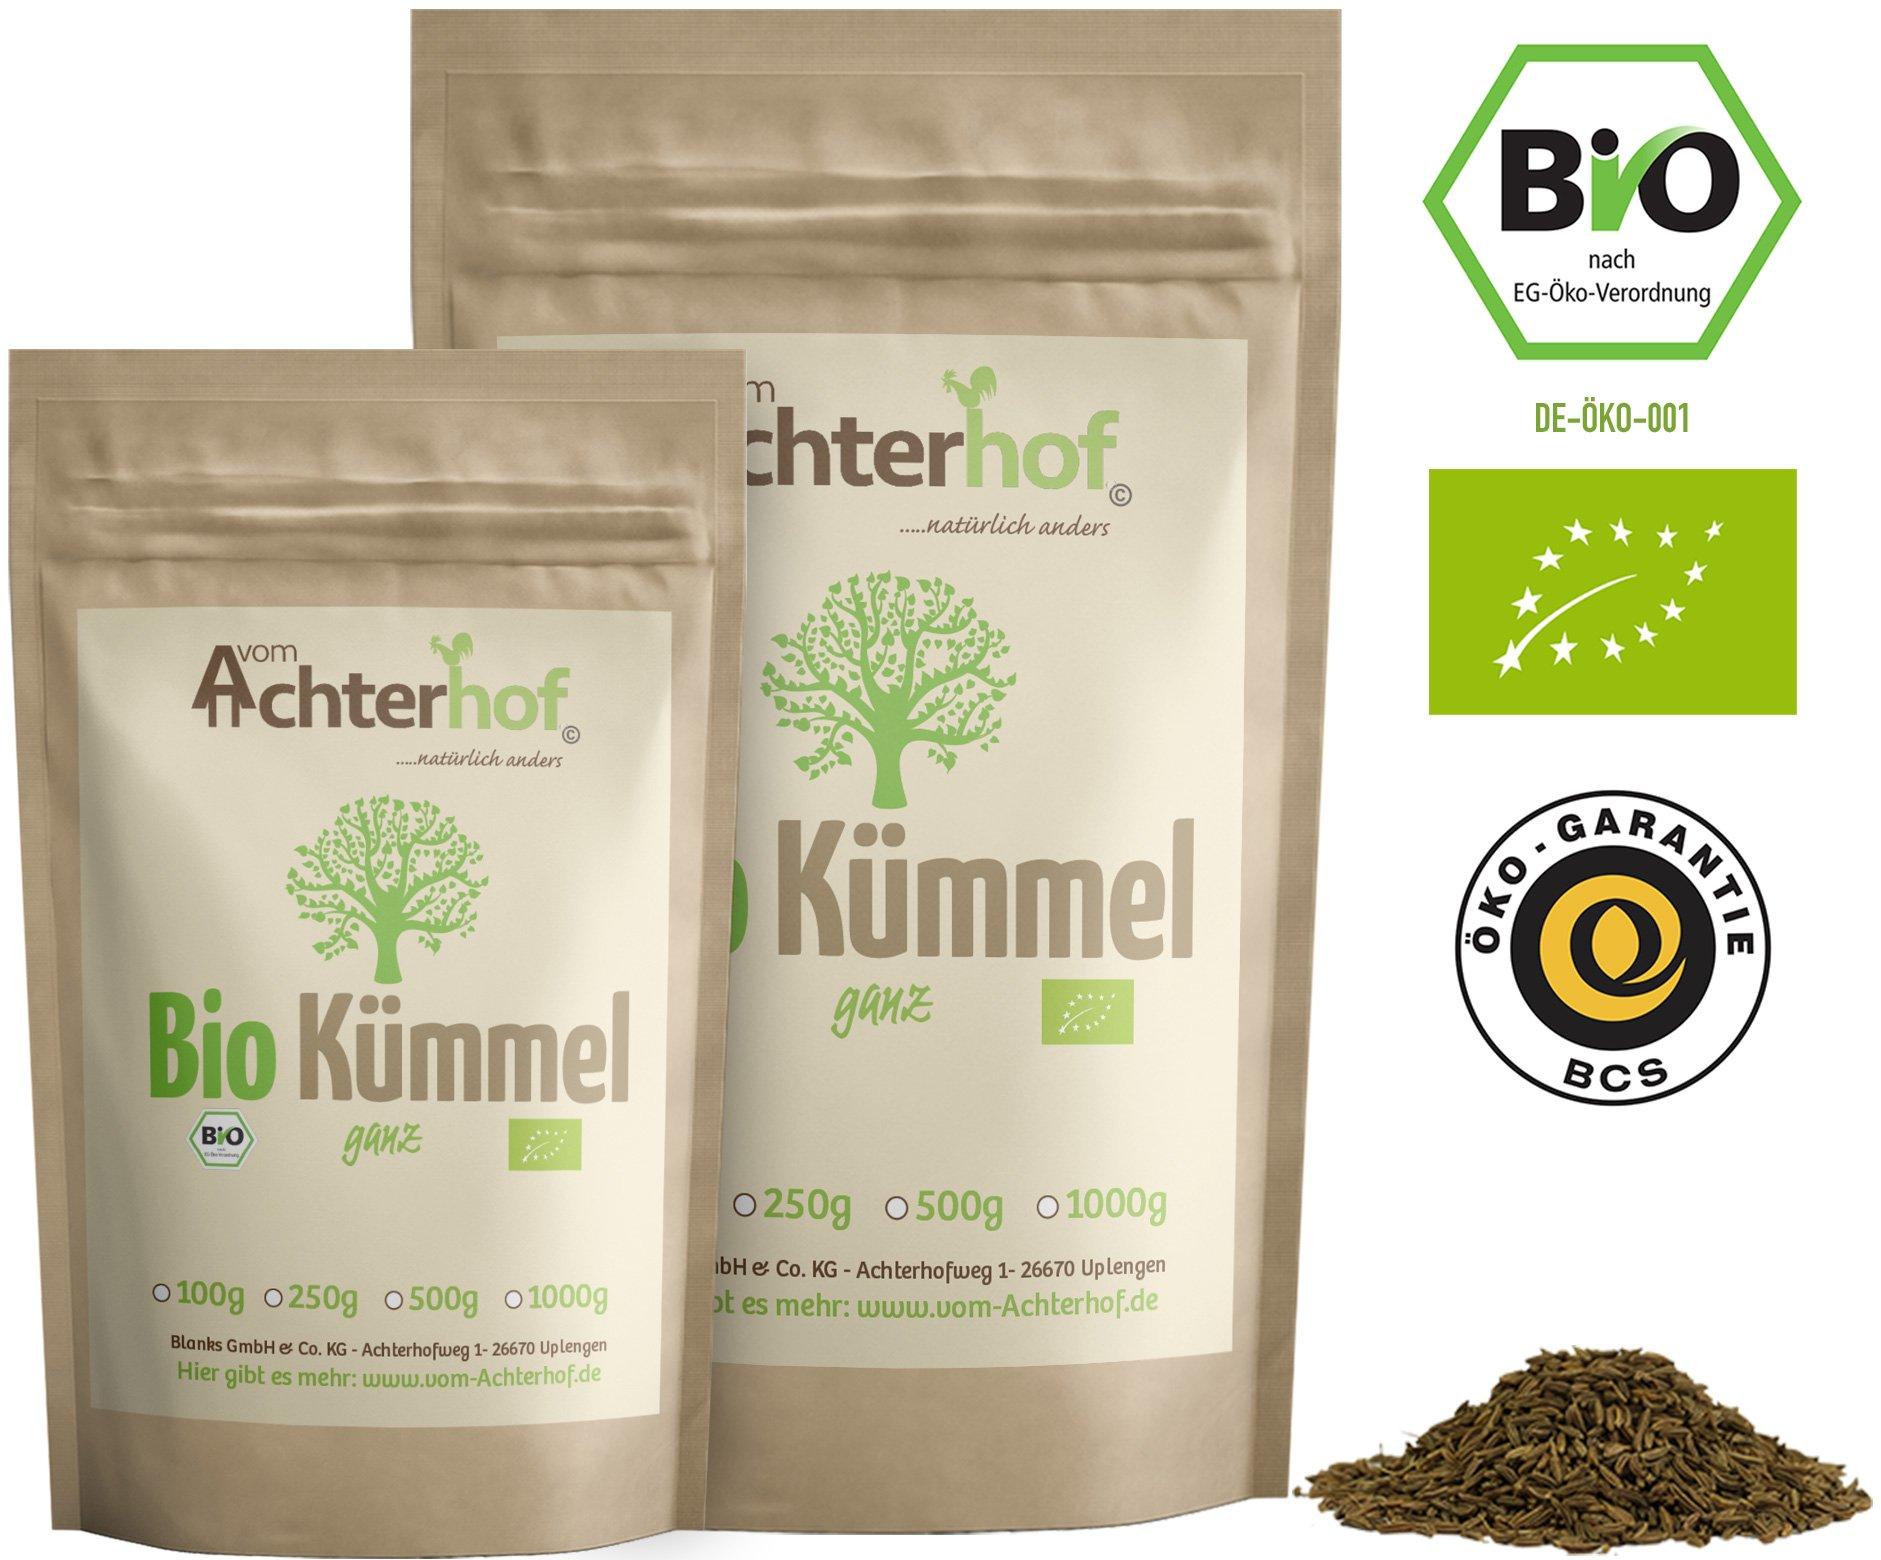 Bio-Kmmel-ganz-echt-500g-Kmmelsamen-Kmmeltee-vom-Achterhof-Kmmelsaat-Caraway-Whole-Organic